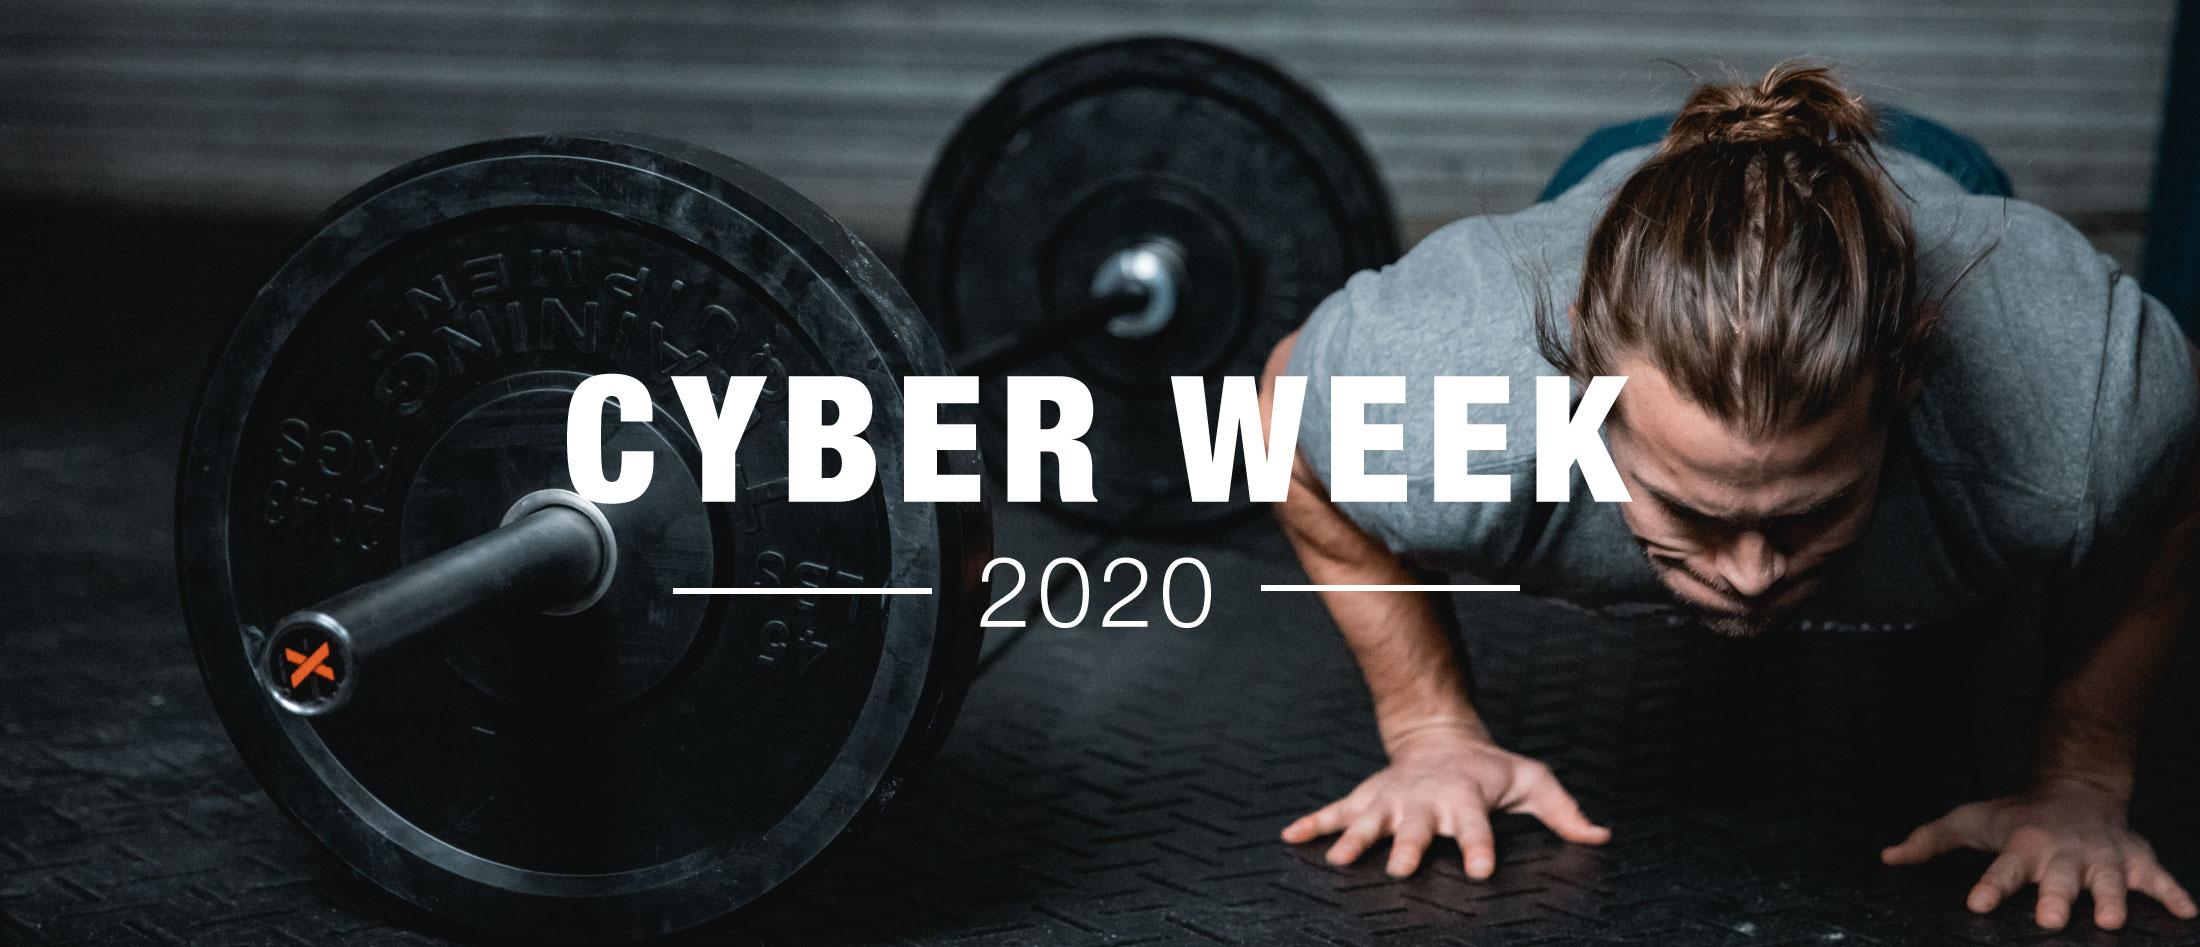 X Training Cyber Week 2020